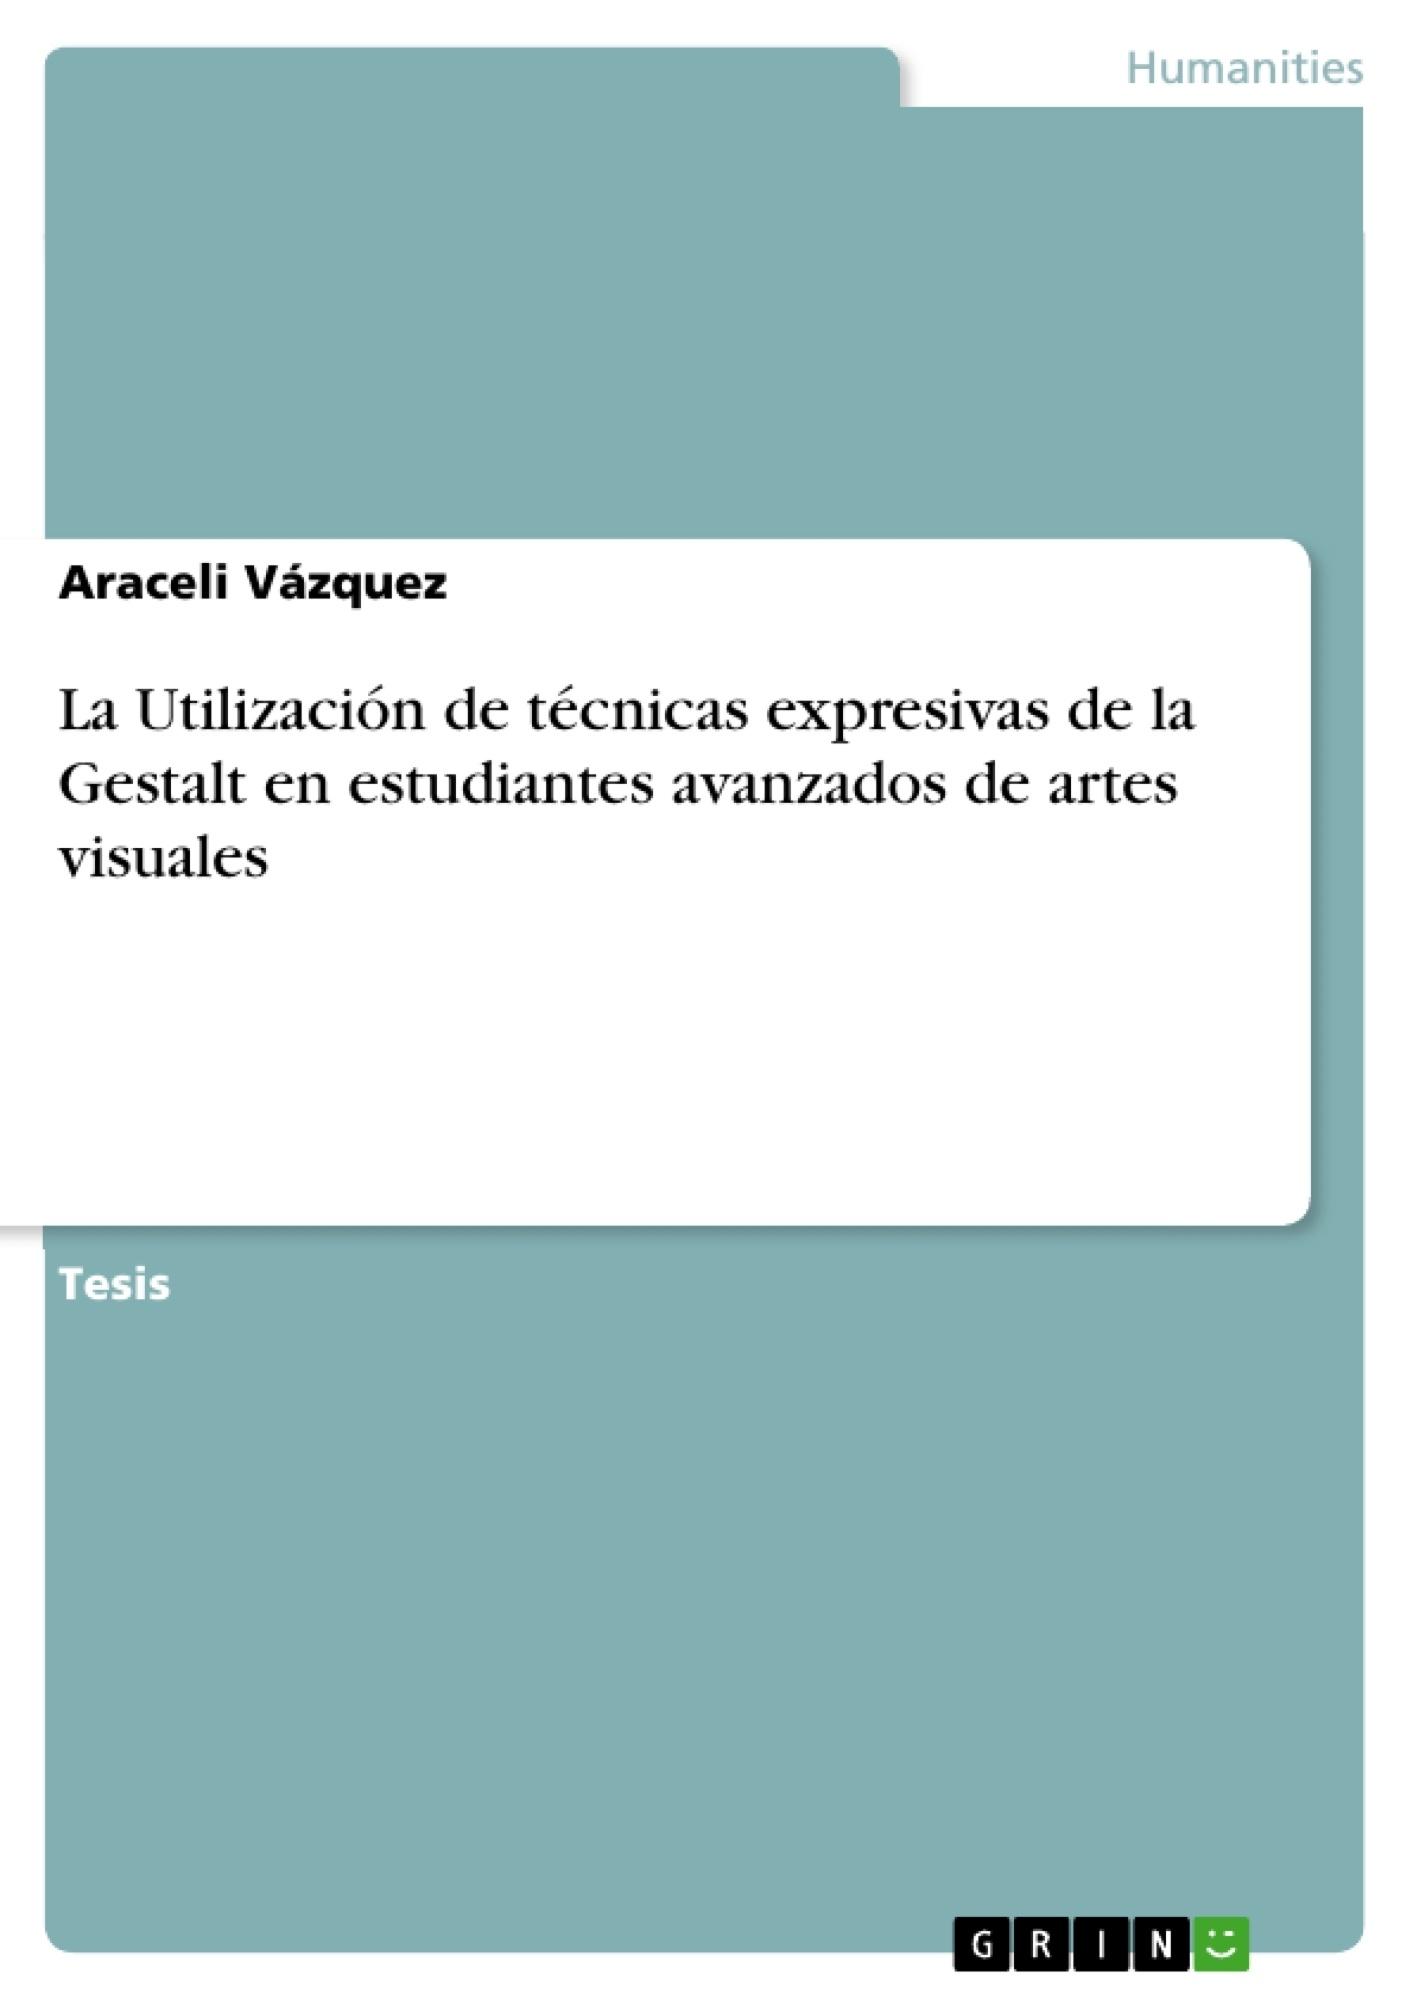 Título: La Utilización de técnicas expresivas de la Gestalt en estudiantes avanzados de artes visuales